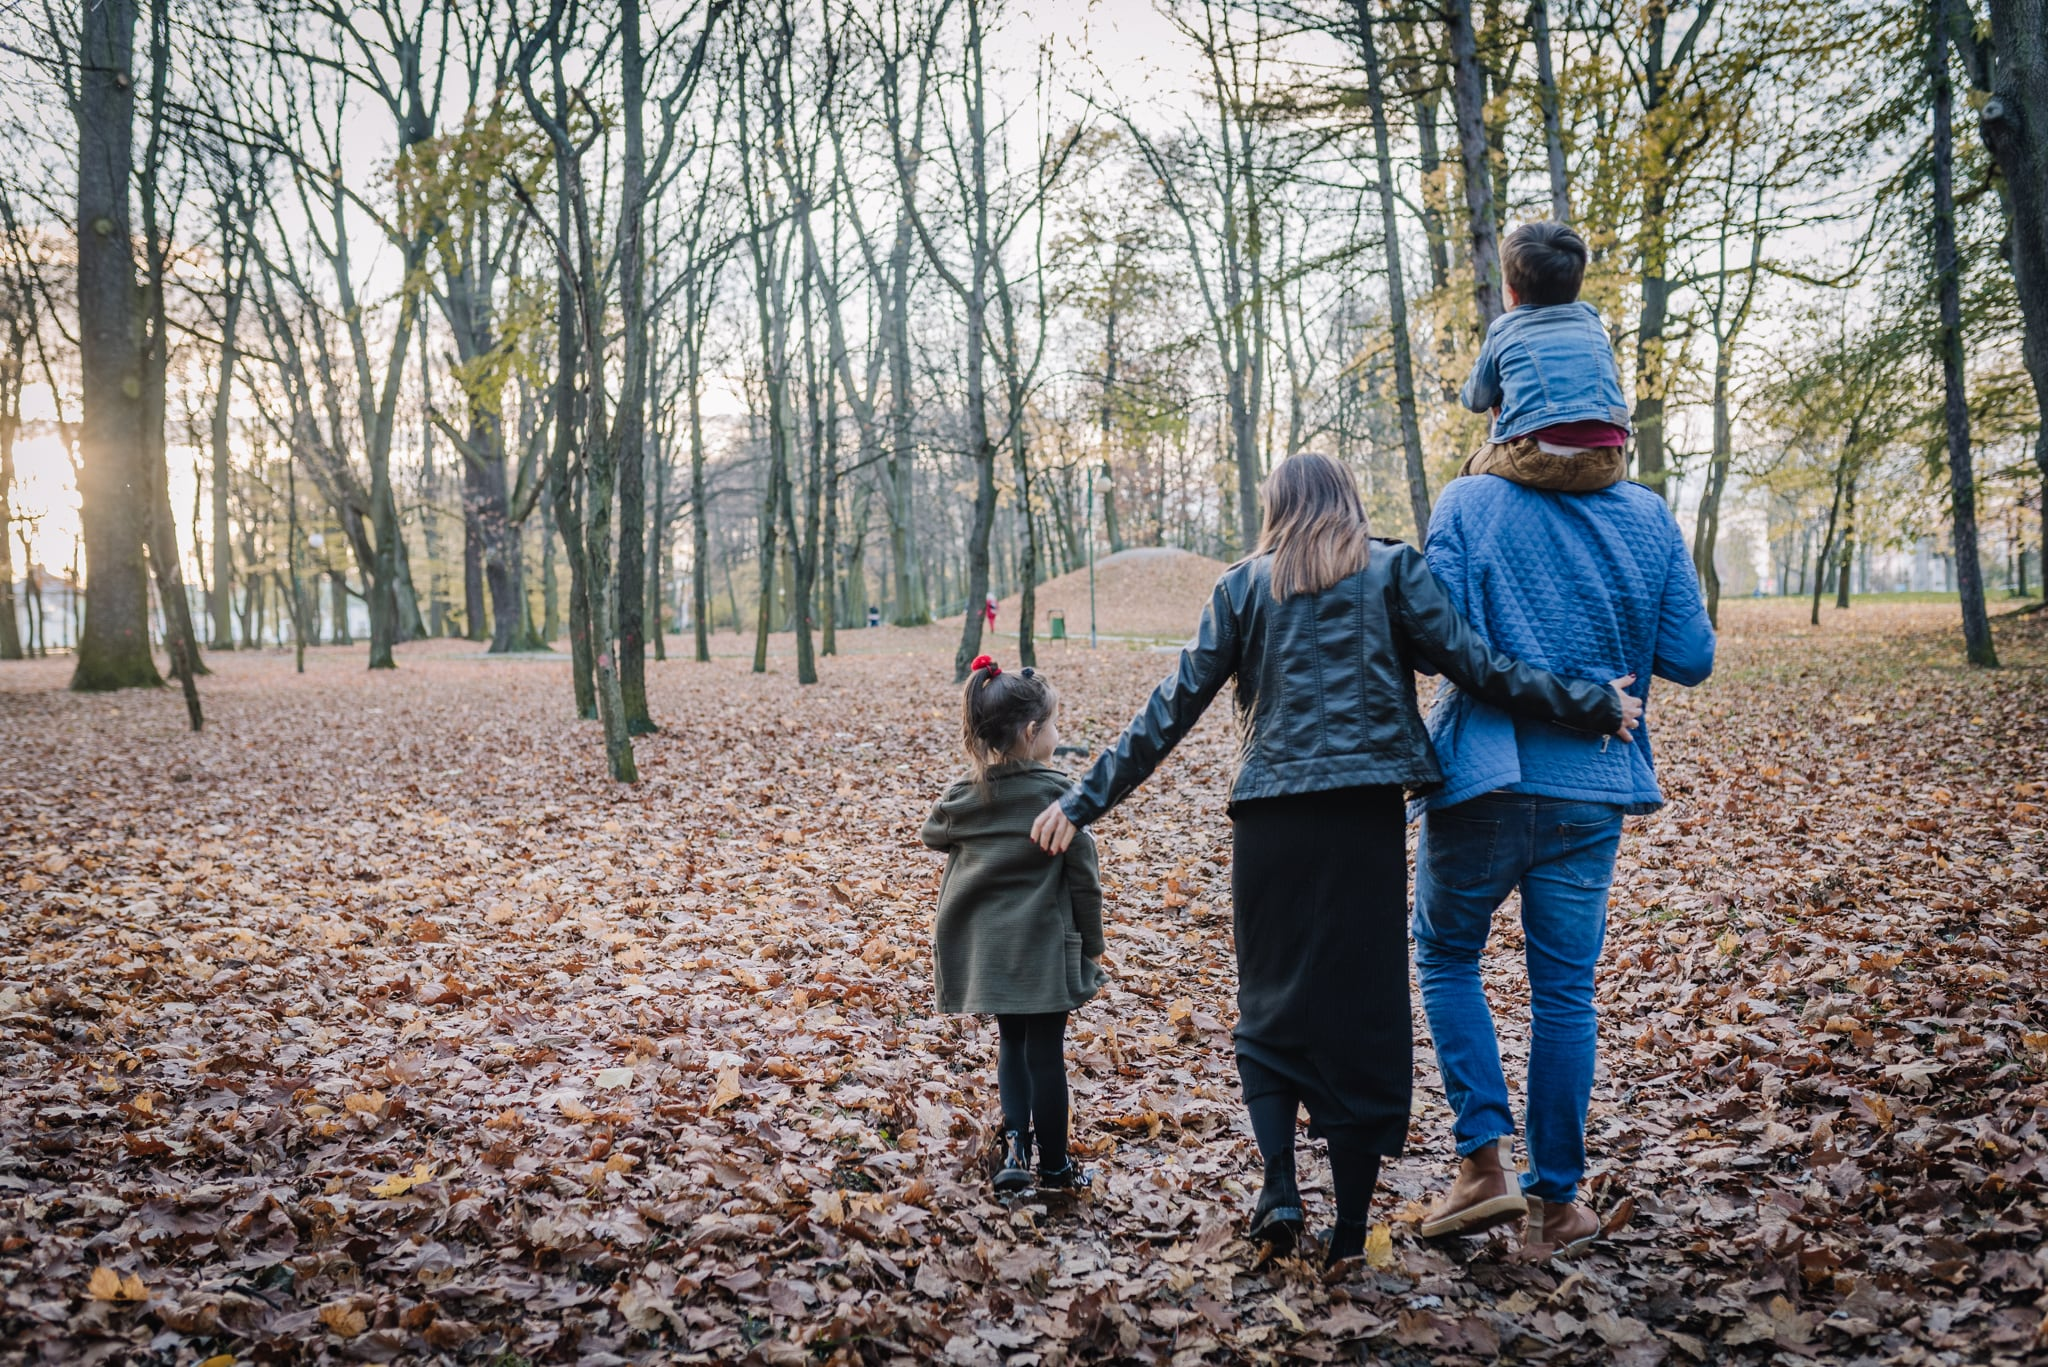 spacer po parku czteroosobowej rodziny